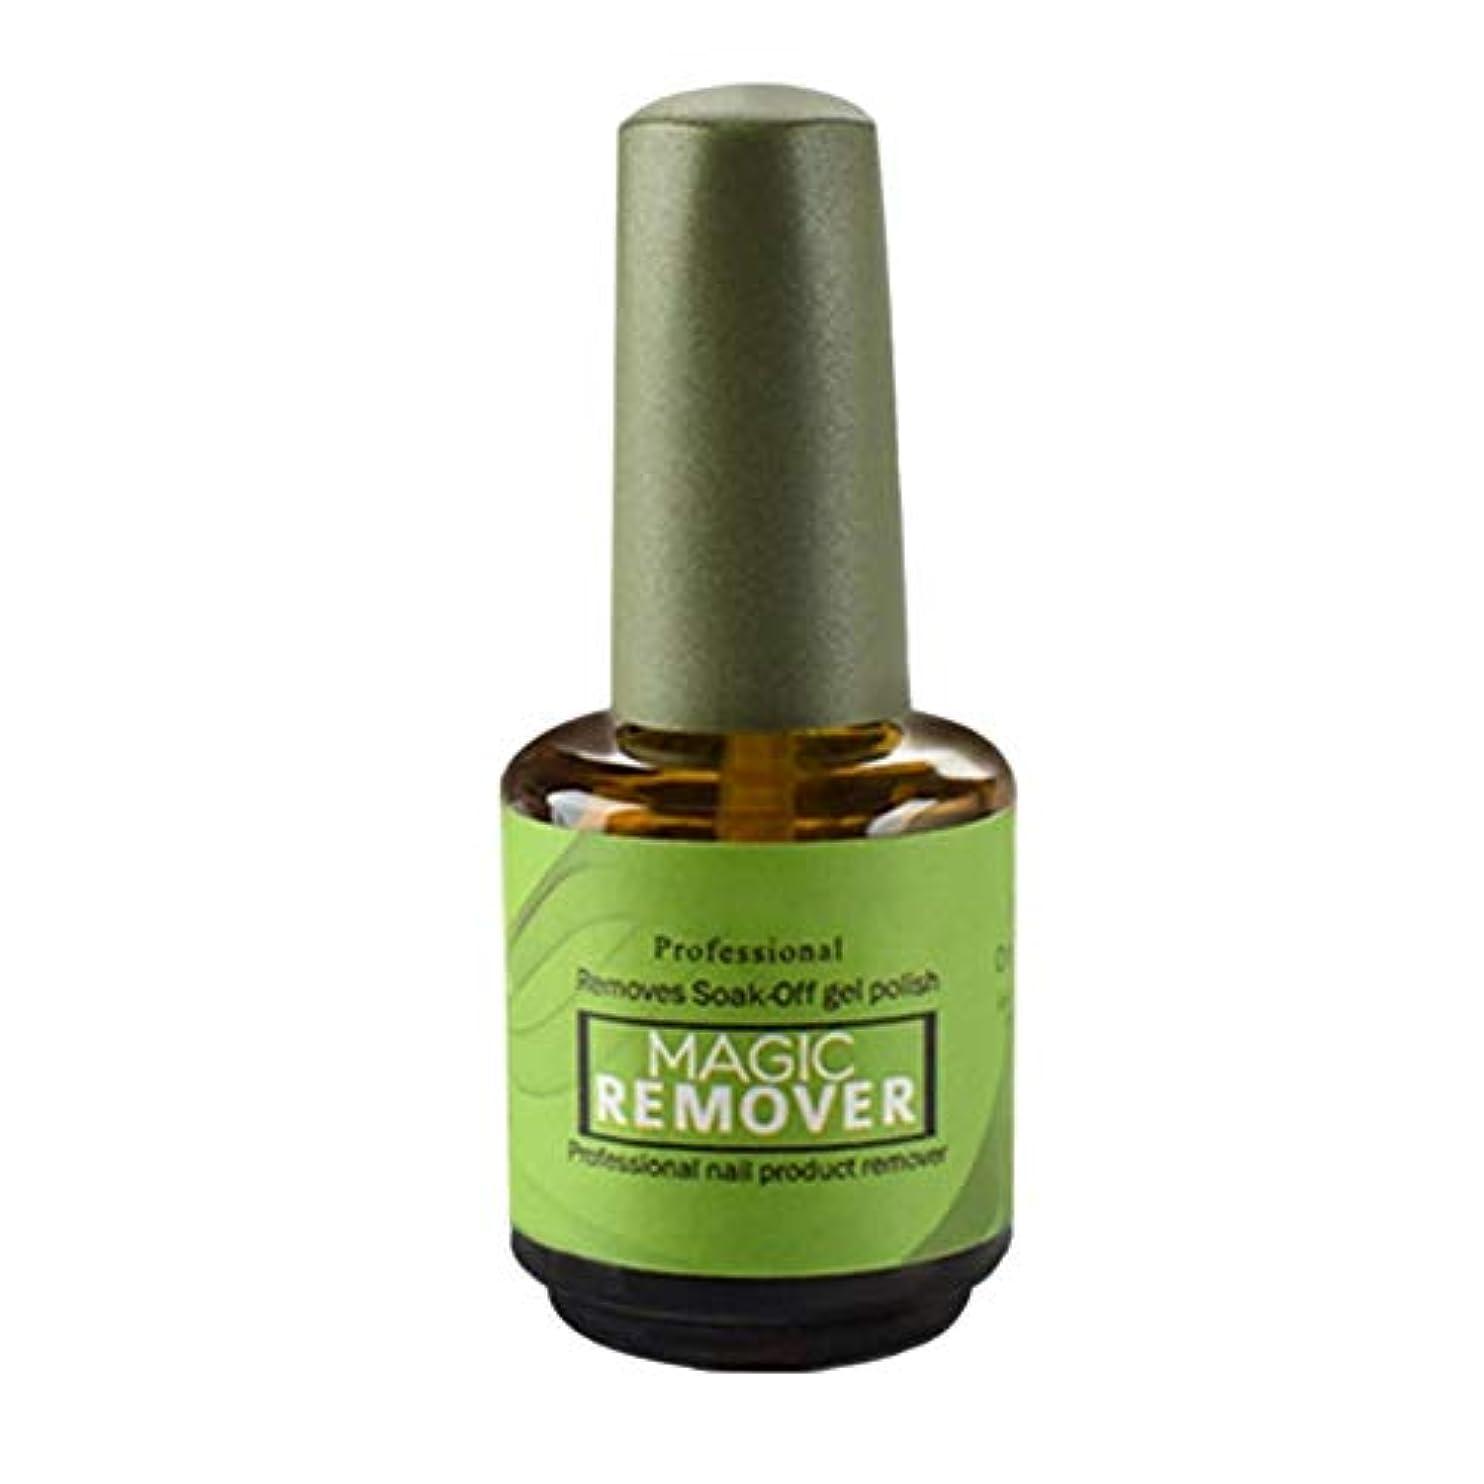 ホイストテクニカル問い合わせるGorgeou マジックリムーバーがネイルポリッシュを拭き取ると、ジェルプロフェッショナルバーストクリーン脱脂剤が除去されます